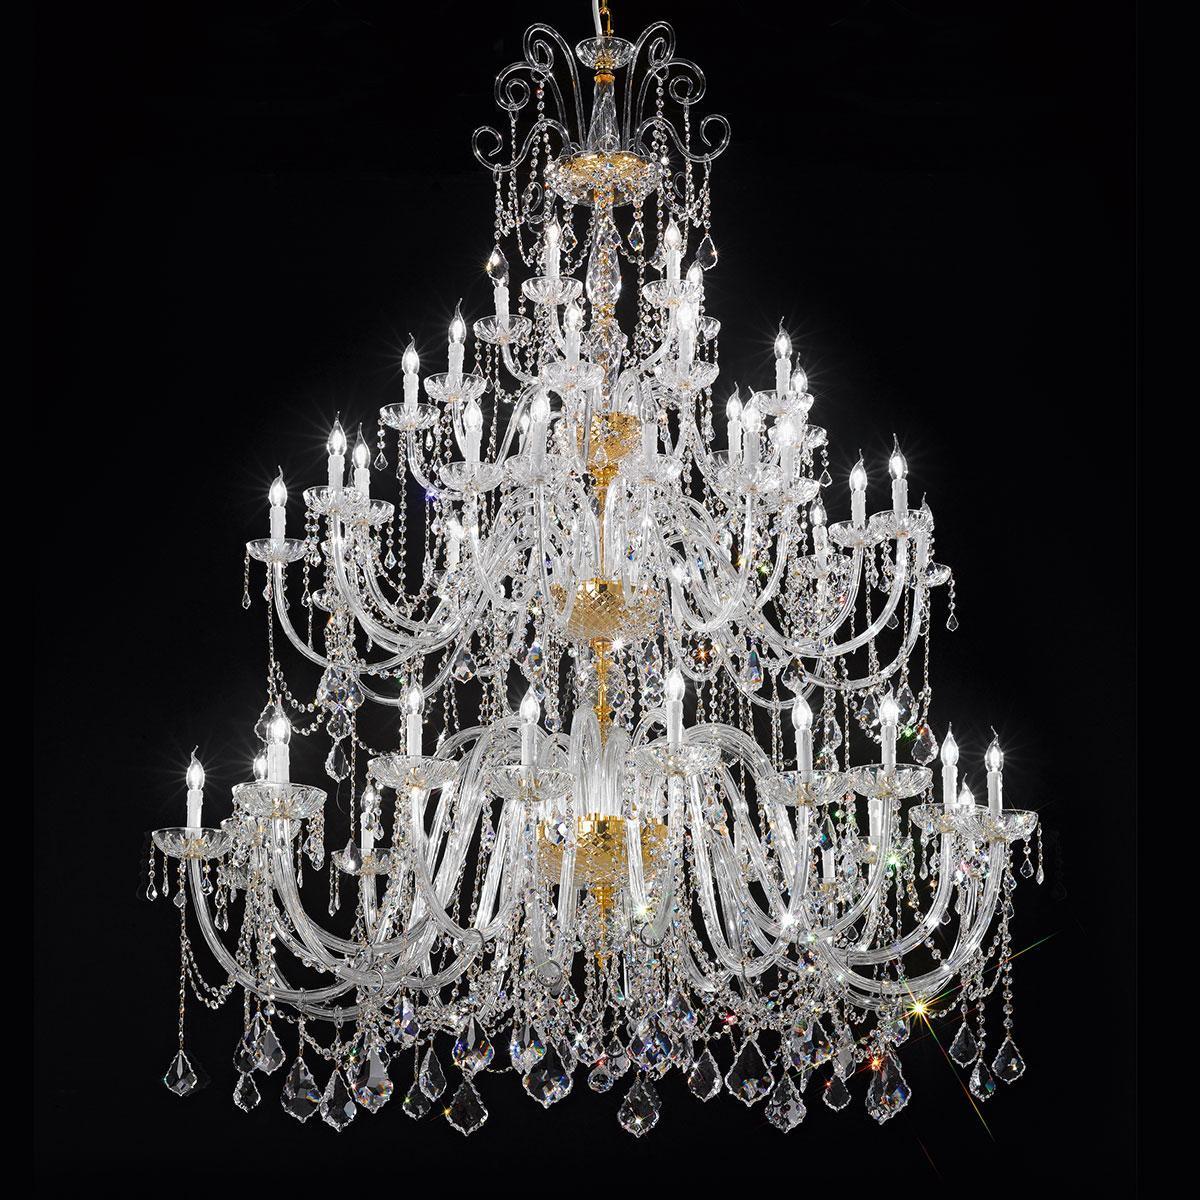 """""""Veronese"""" große venezianischer kristall kronleuchter - 20+20+10+5 flammig - transparent mit kristal Asfour"""